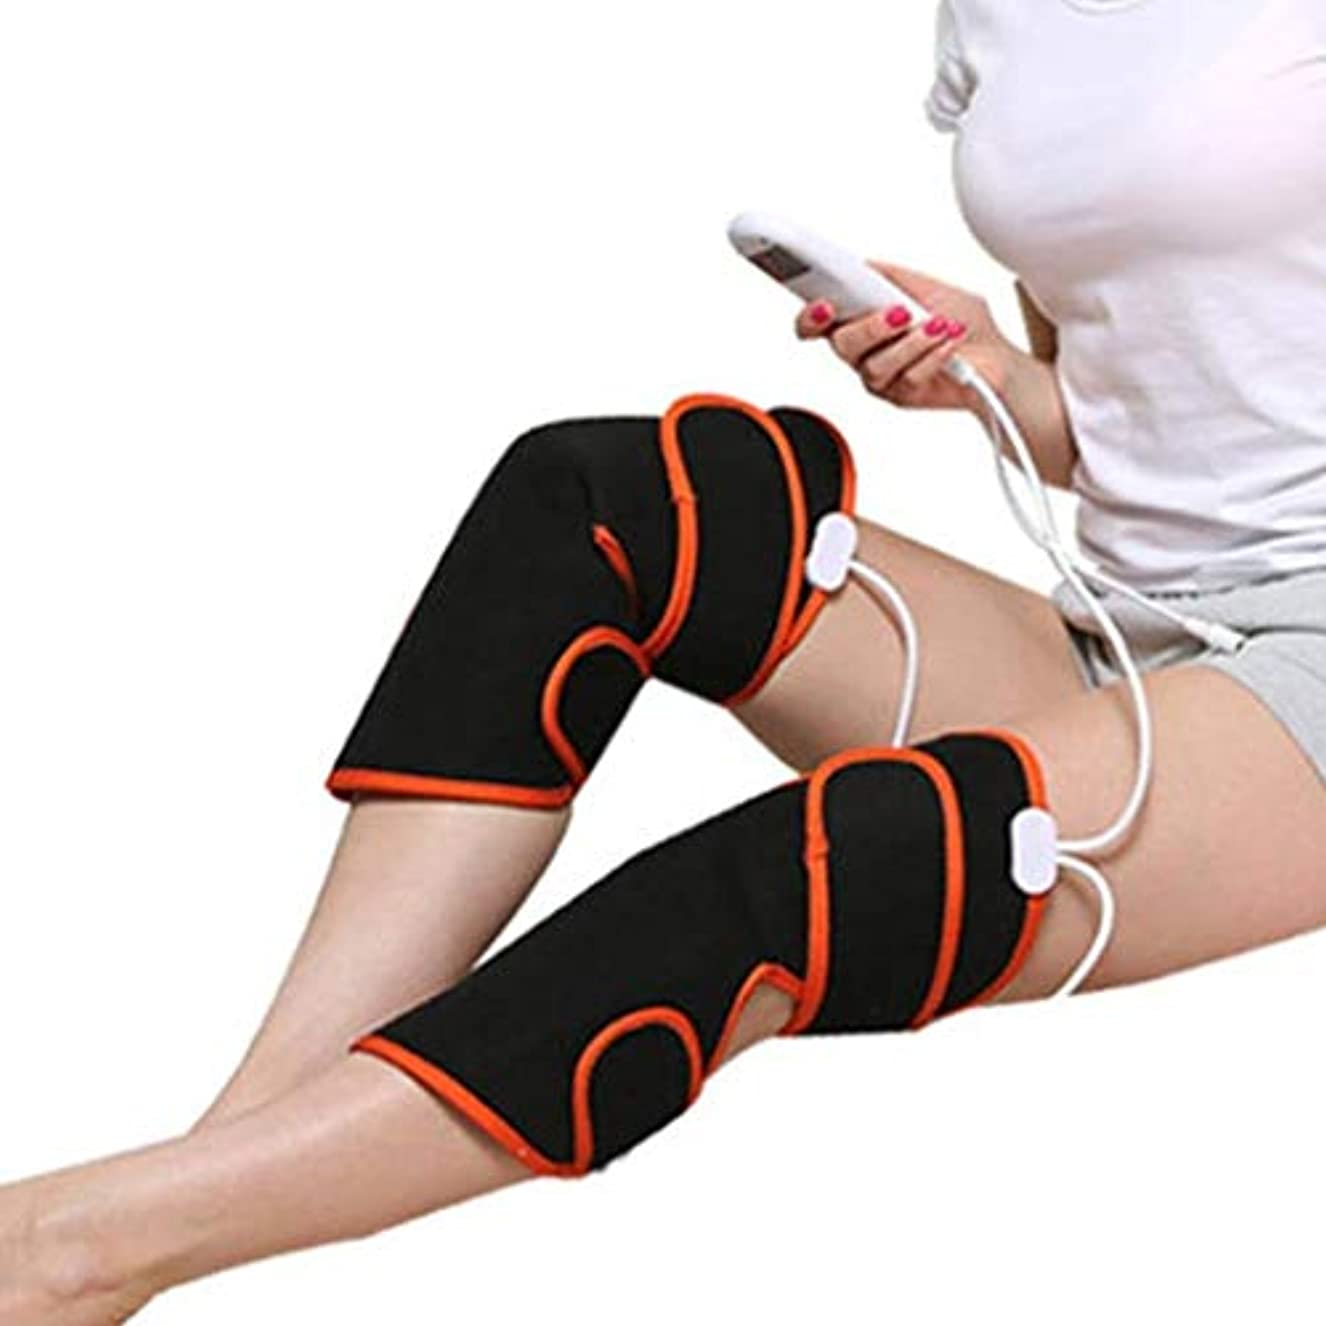 反論者移住する反対した暖房付き膝マッサージャー、電動バイブレーションマッサージャー、膝マッサージャーを定期的に加熱できます、筋肉の痛みを緩和するモード、9モード、冷たい脚、骨過形成患者、術後リハビリ